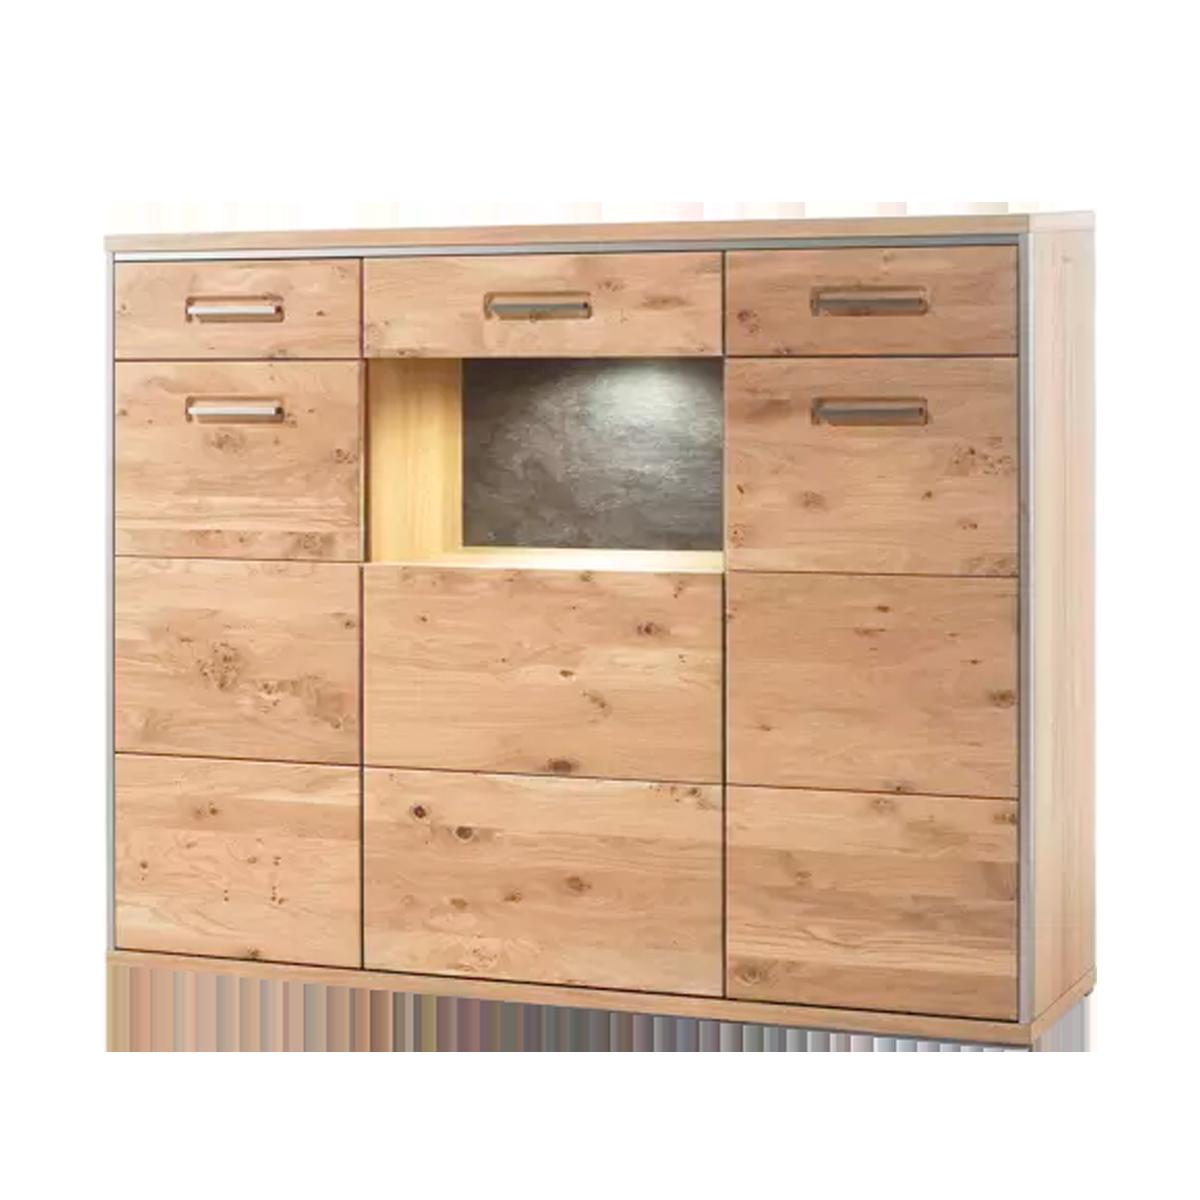 mca furniture espero highboard esp11t05 in ast eiche bianco massiv geolt fur ihr wohnzimmer 1